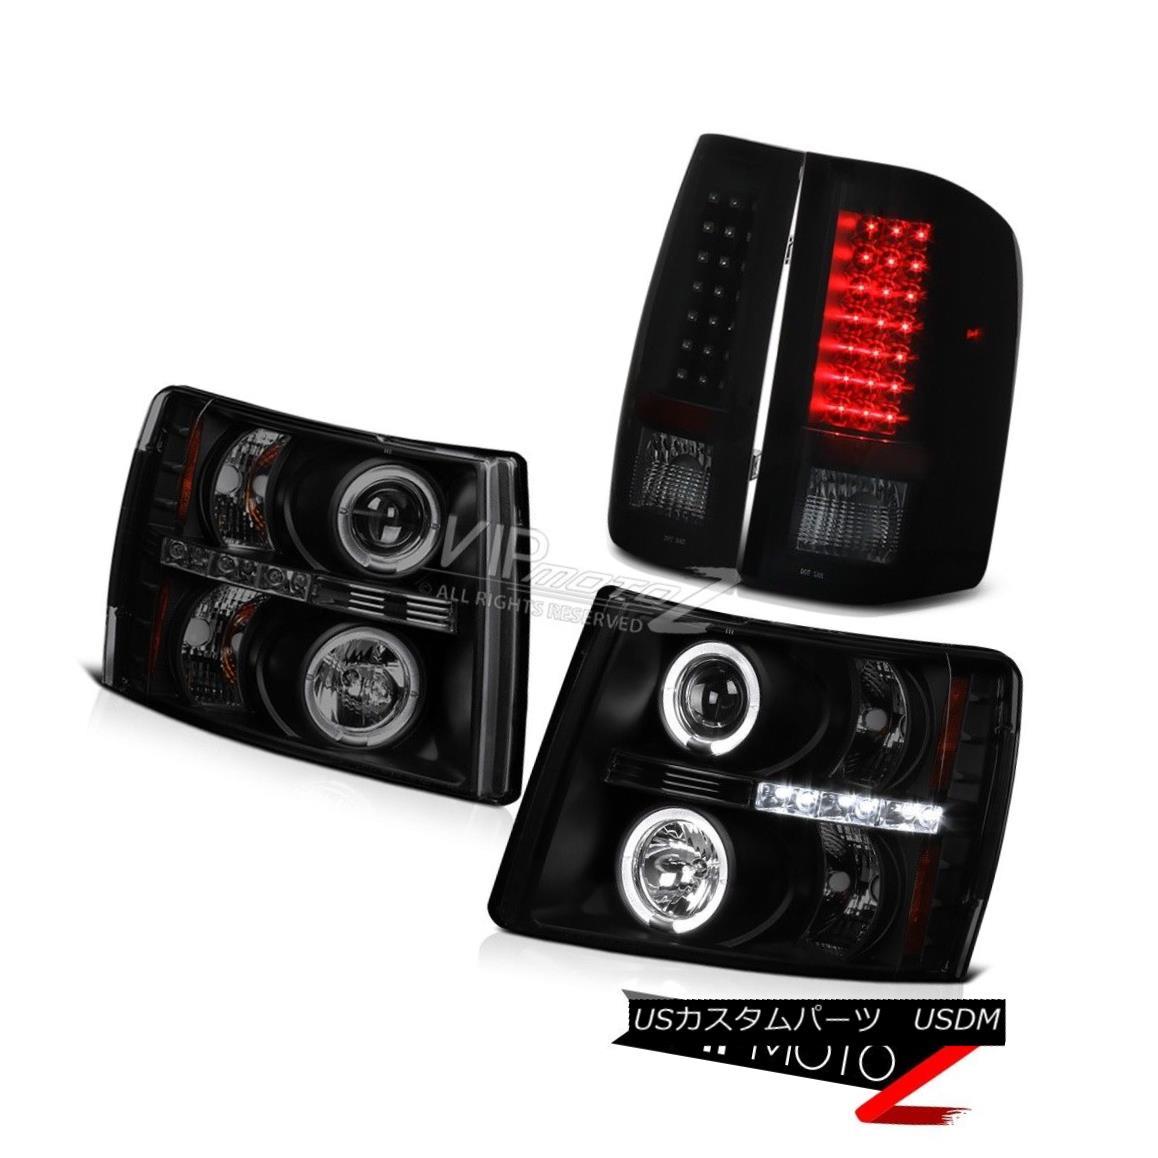 ヘッドライト 2007-2013 Chevy Silverado SINISTER BLACK Halo LED Projector Headlight Tail Light 2007-2013シボレーシルバラードシネスターブラックヘイローLEDプロジェクターヘッドライトテールライト